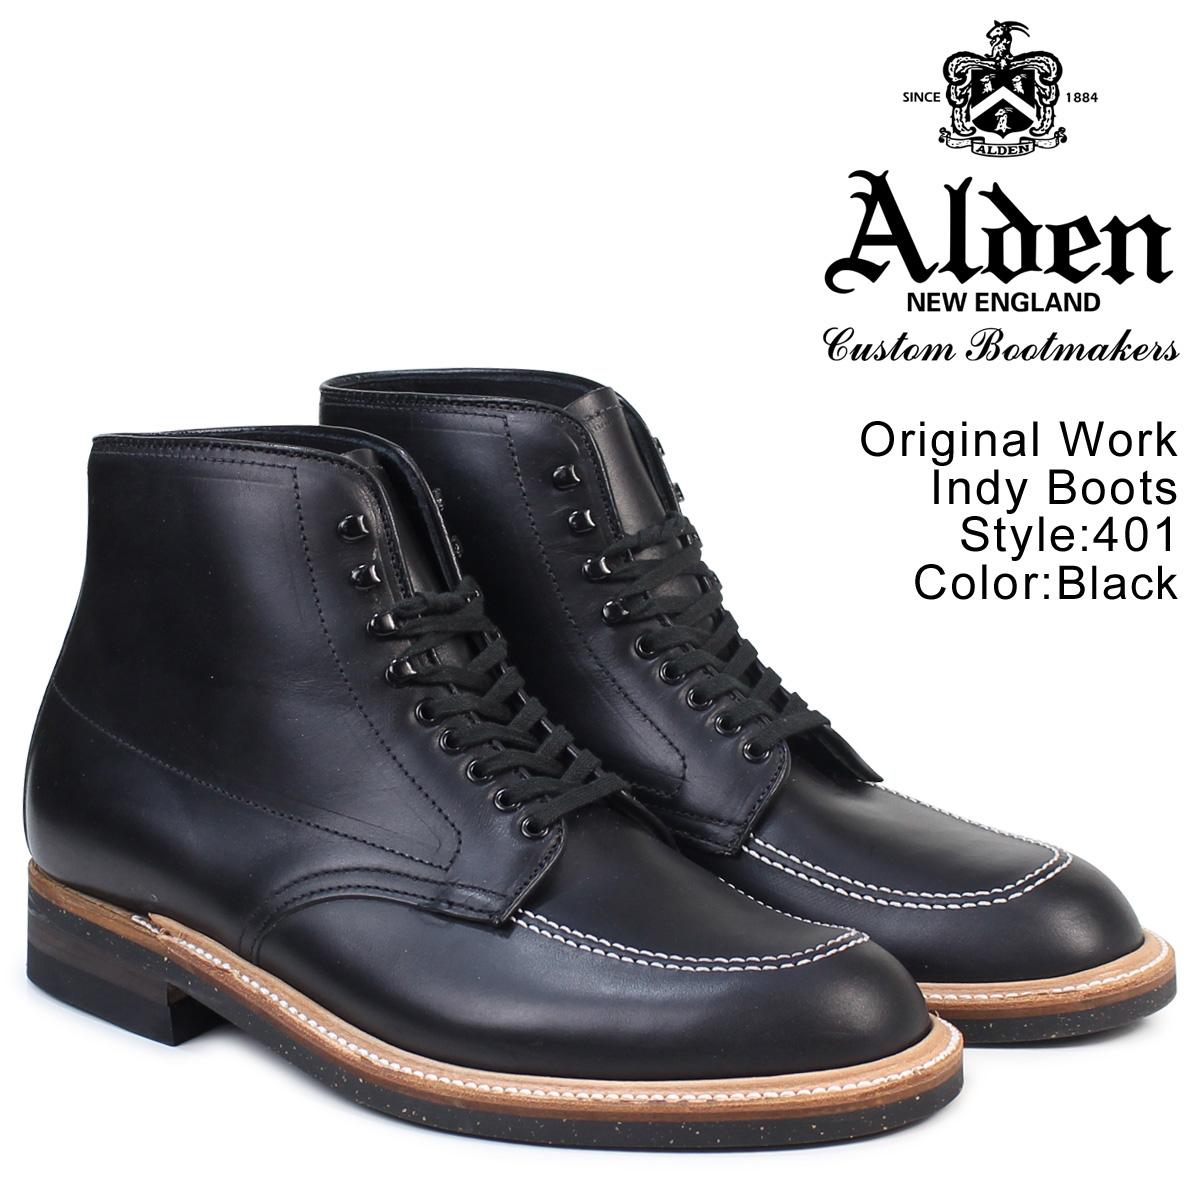 オールデン ALDEN インディー ブーツ メンズ ORIGINAL WORK INDY BOOTS Dワイズ 401